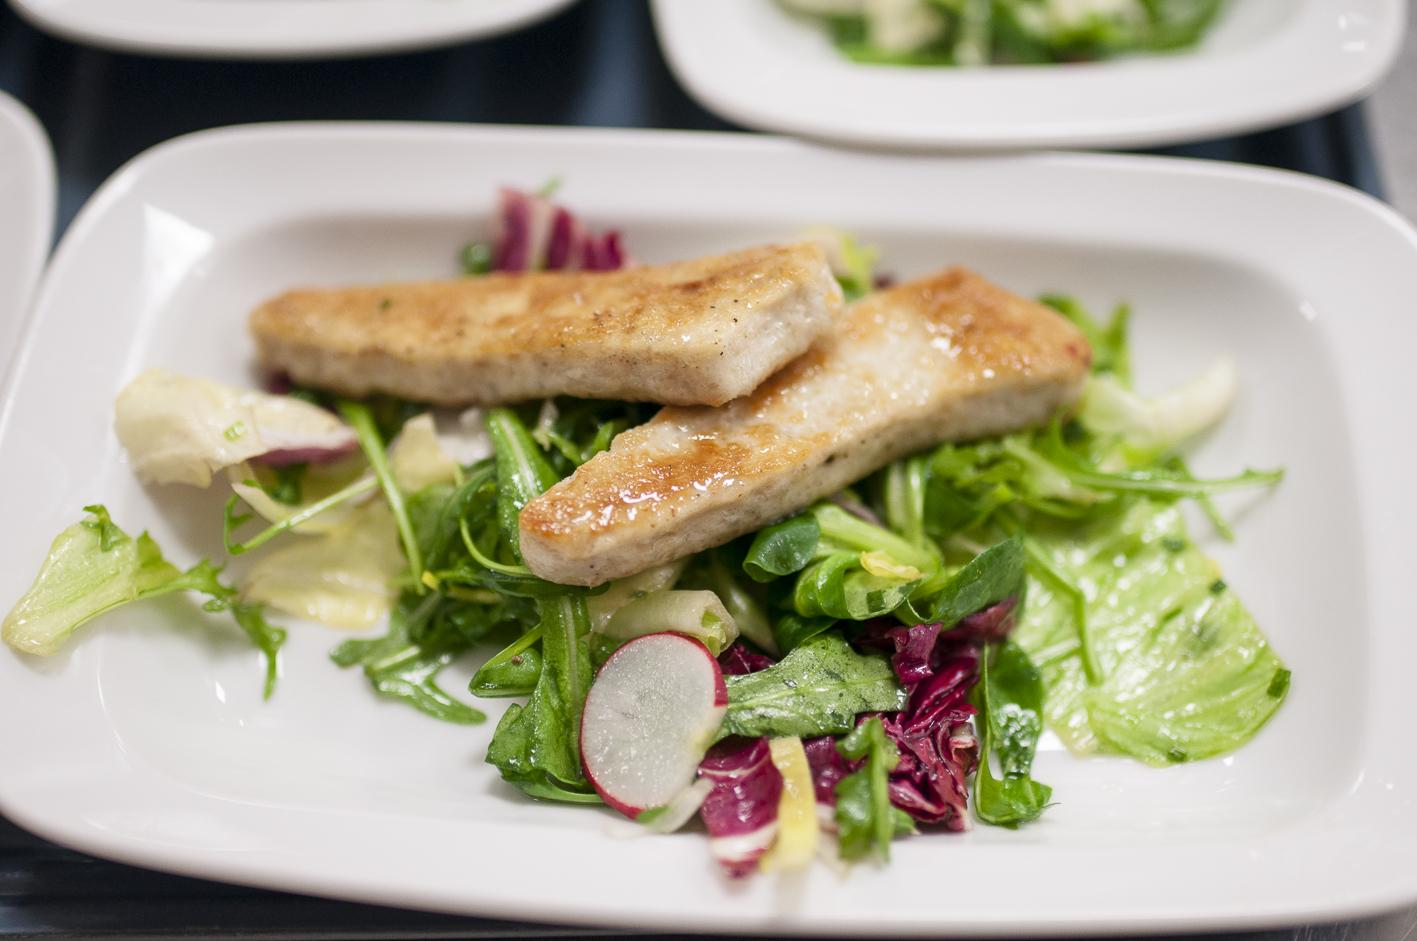 Fleischloses Bio-Fleisch, Tasting_forum 77, Bio 3.0, #biodreinull, Verkostung, vegan, vegetarisch, Fleischersatz